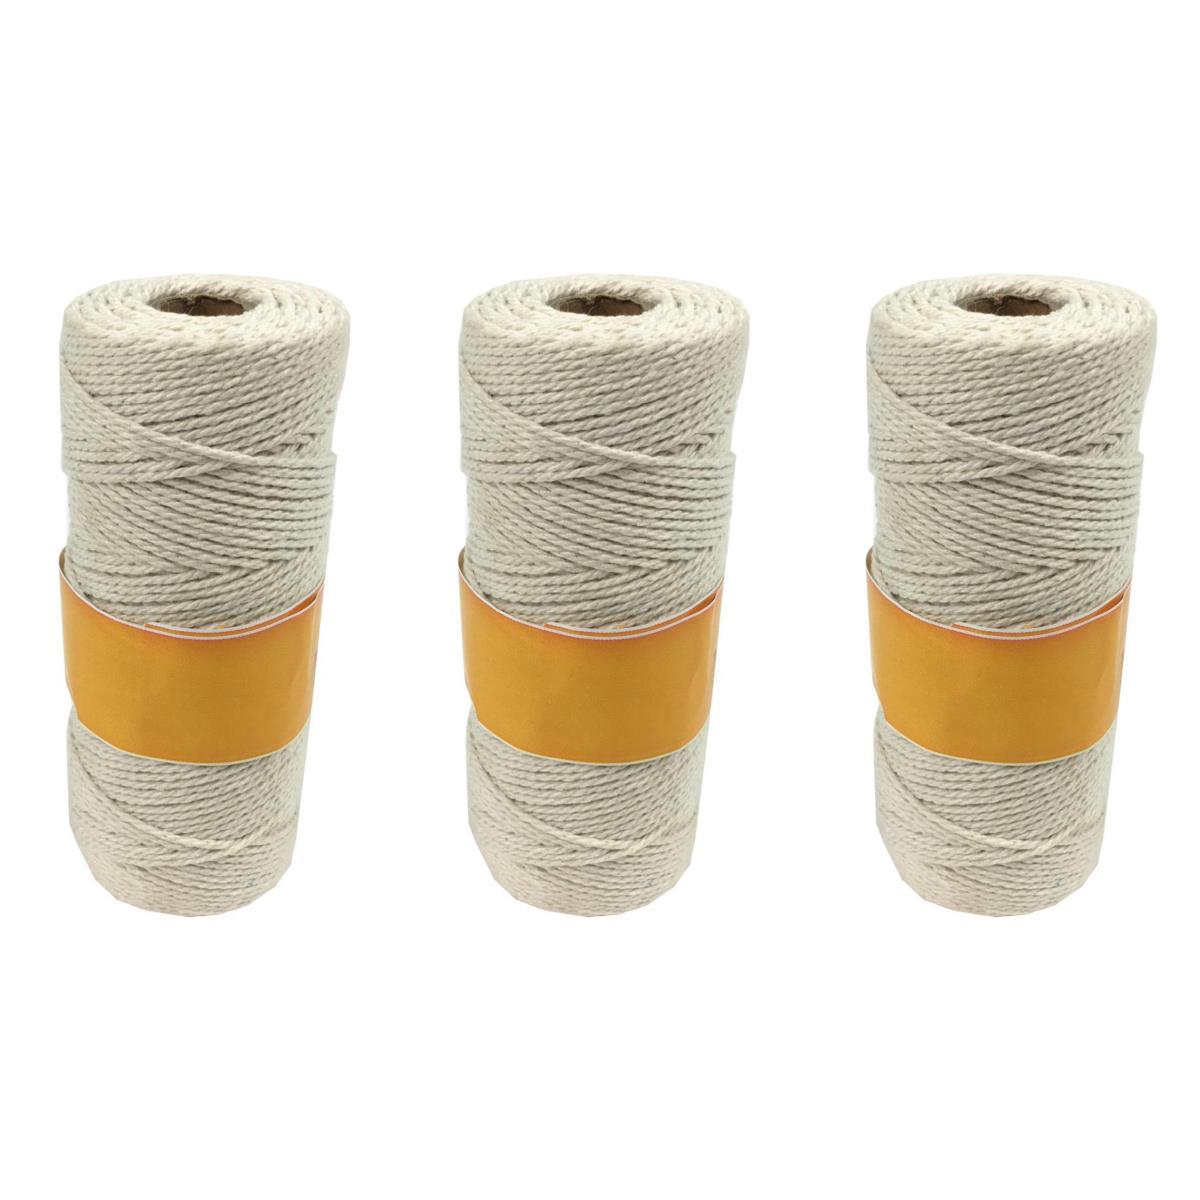 3 x Baumwollschnur Leinenfaden Baumwollkordel Faden Bastelschnur Baumwollband ,Duguva,000051181742, 0791266467514